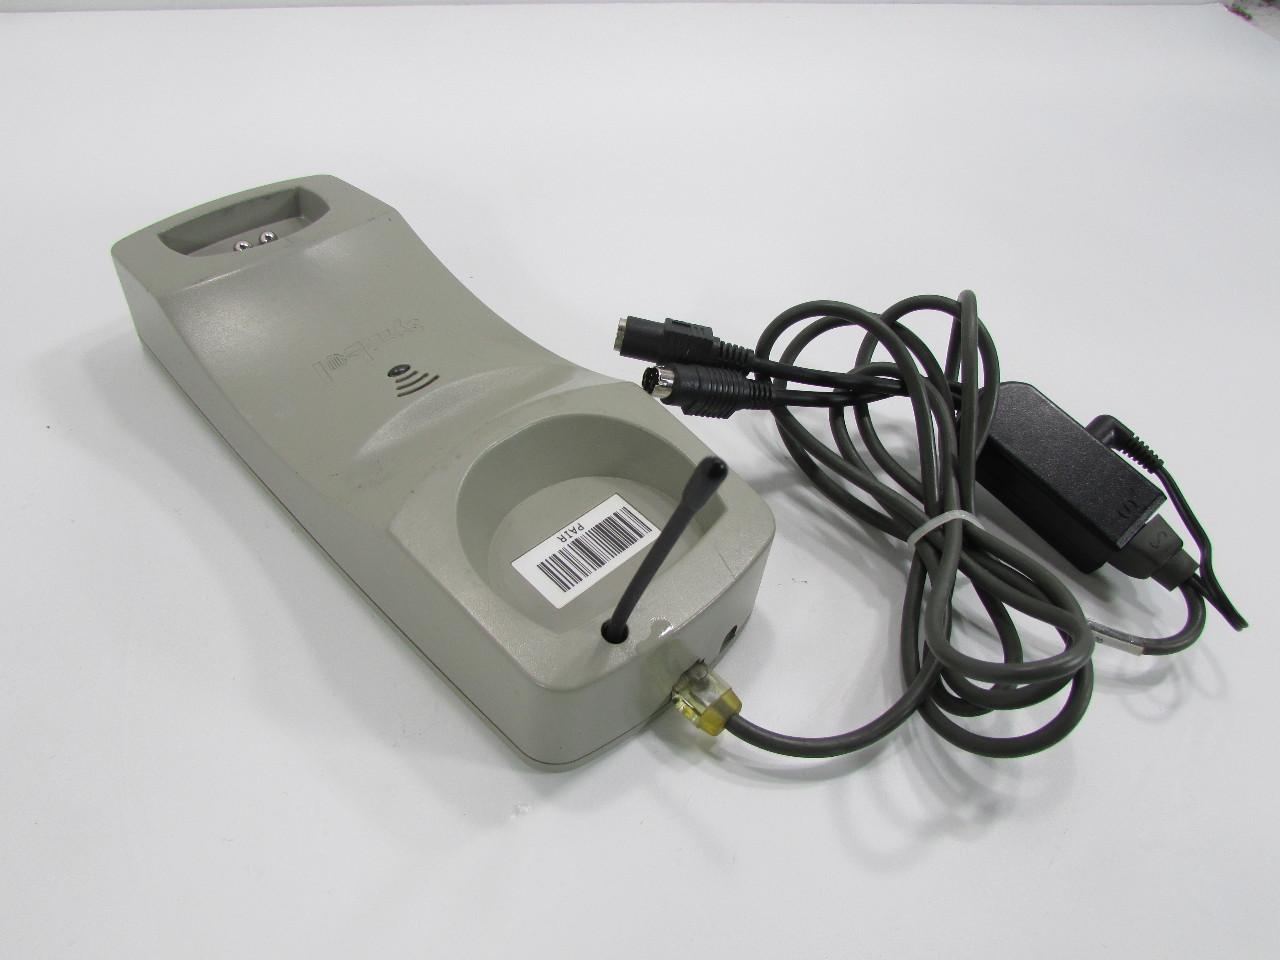 Symbol scanner ls4278 Driver